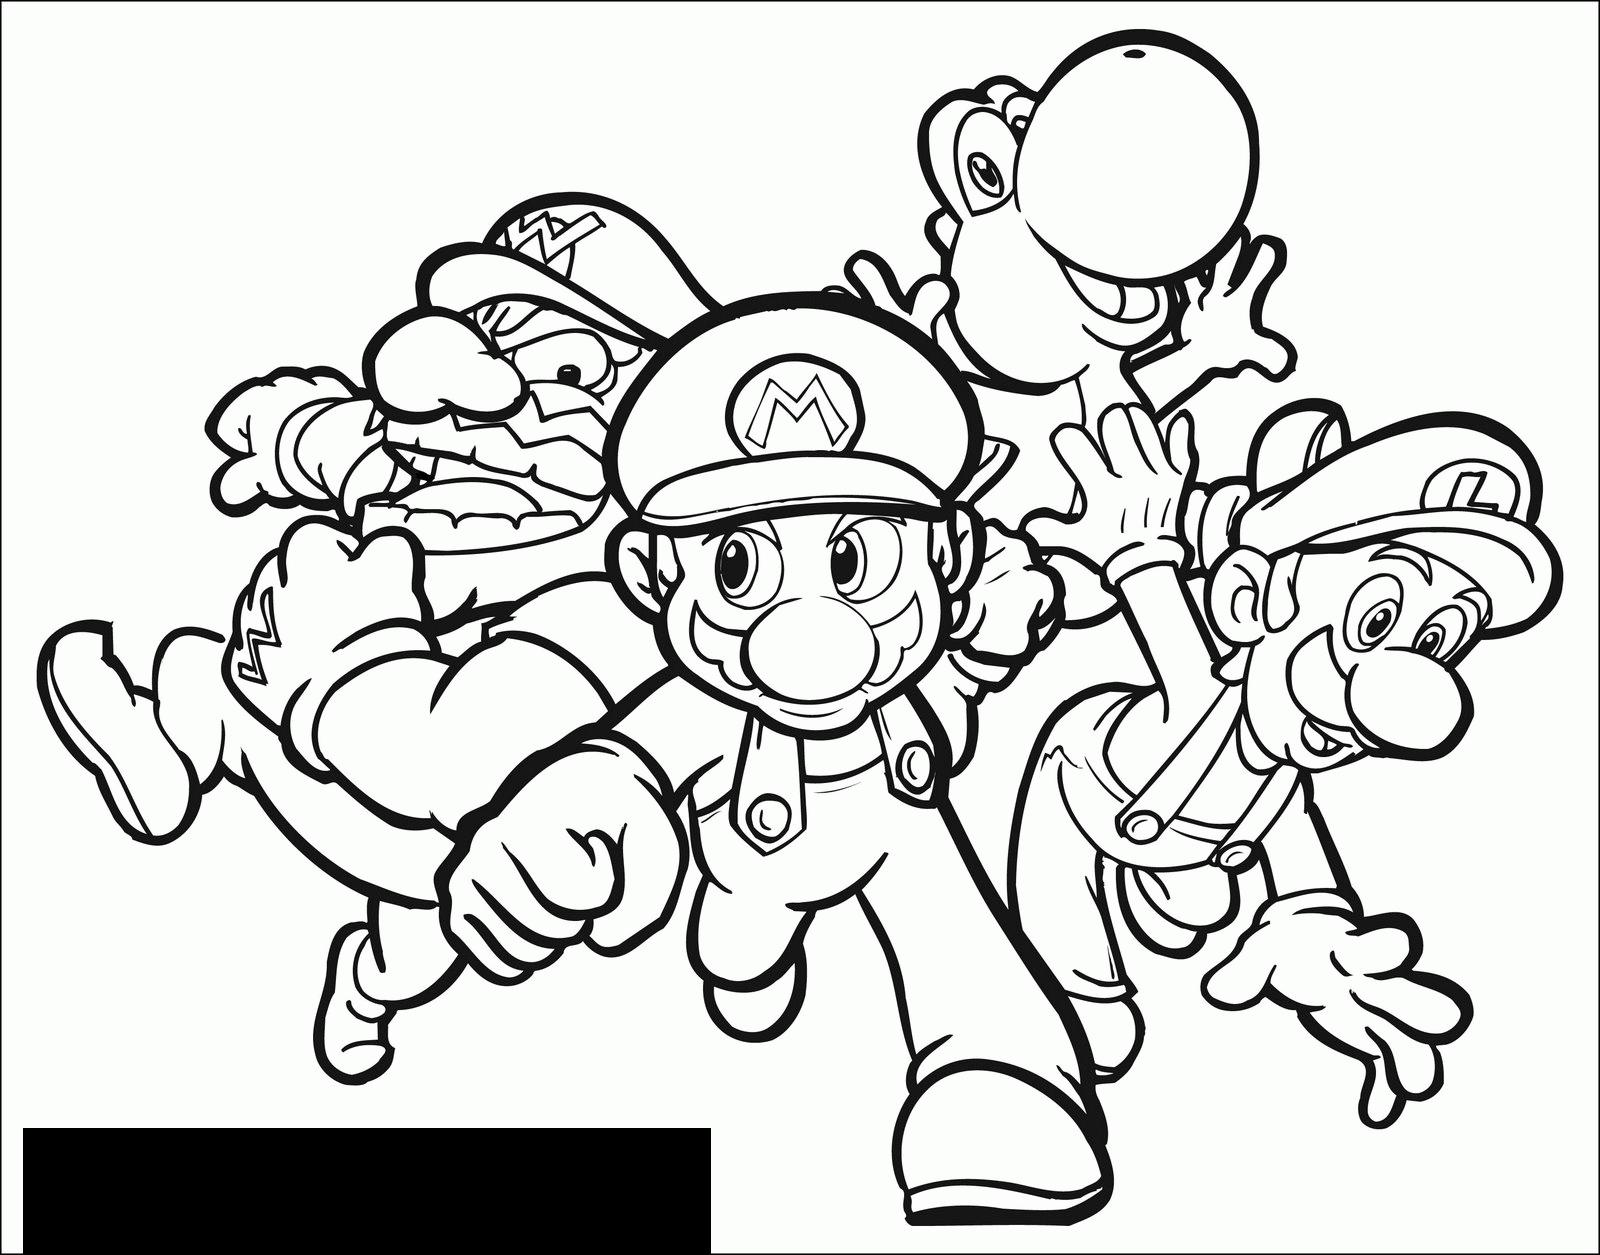 Beste Super Mario Bros Malvorlagen Kröte Ideen - Ideen fortsetzen ...